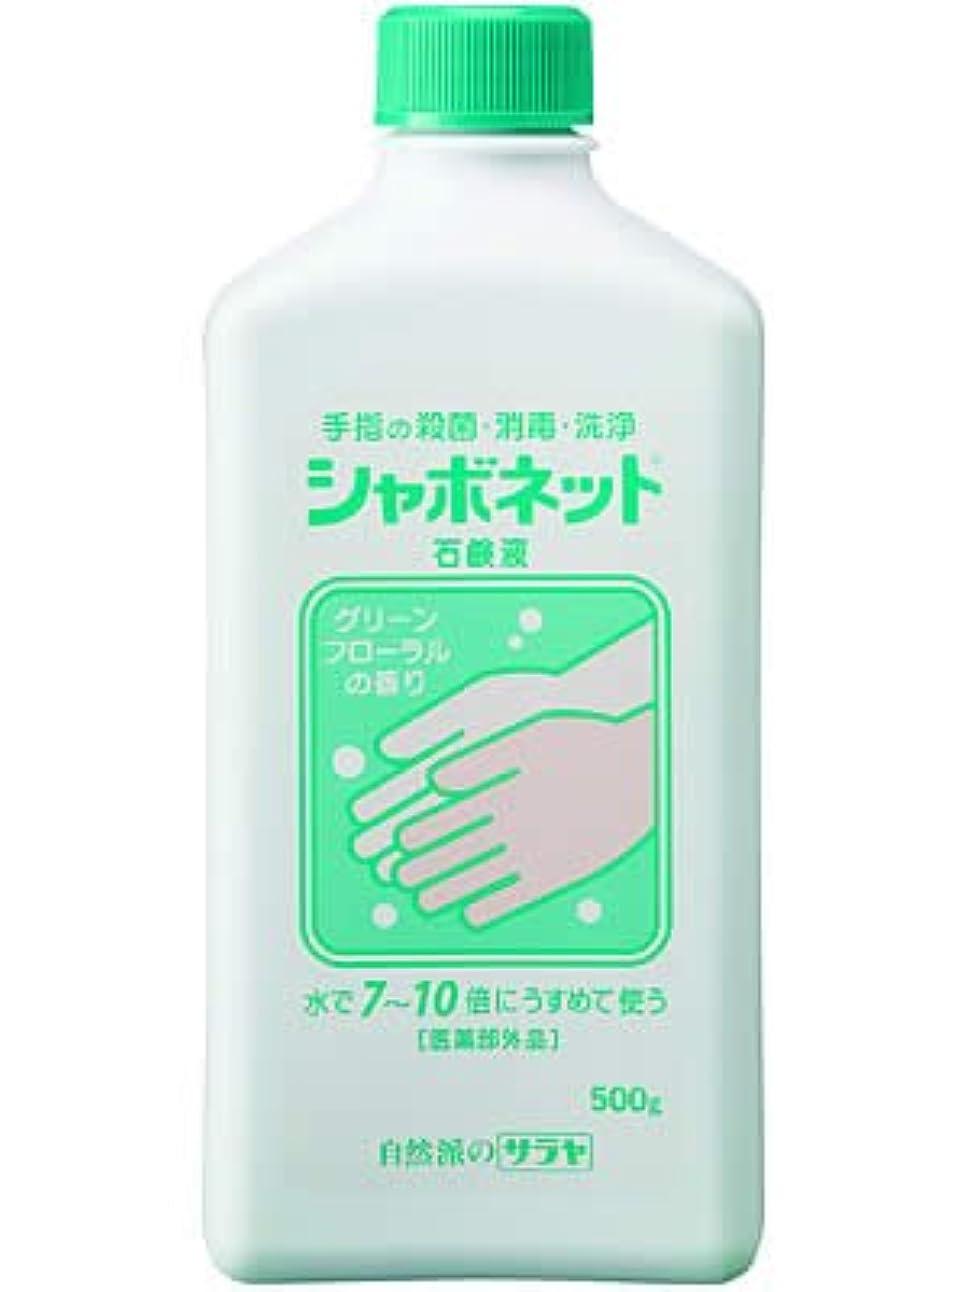 侮辱邪魔する合理化シャボネット 石鹸液 500g ×8個セット